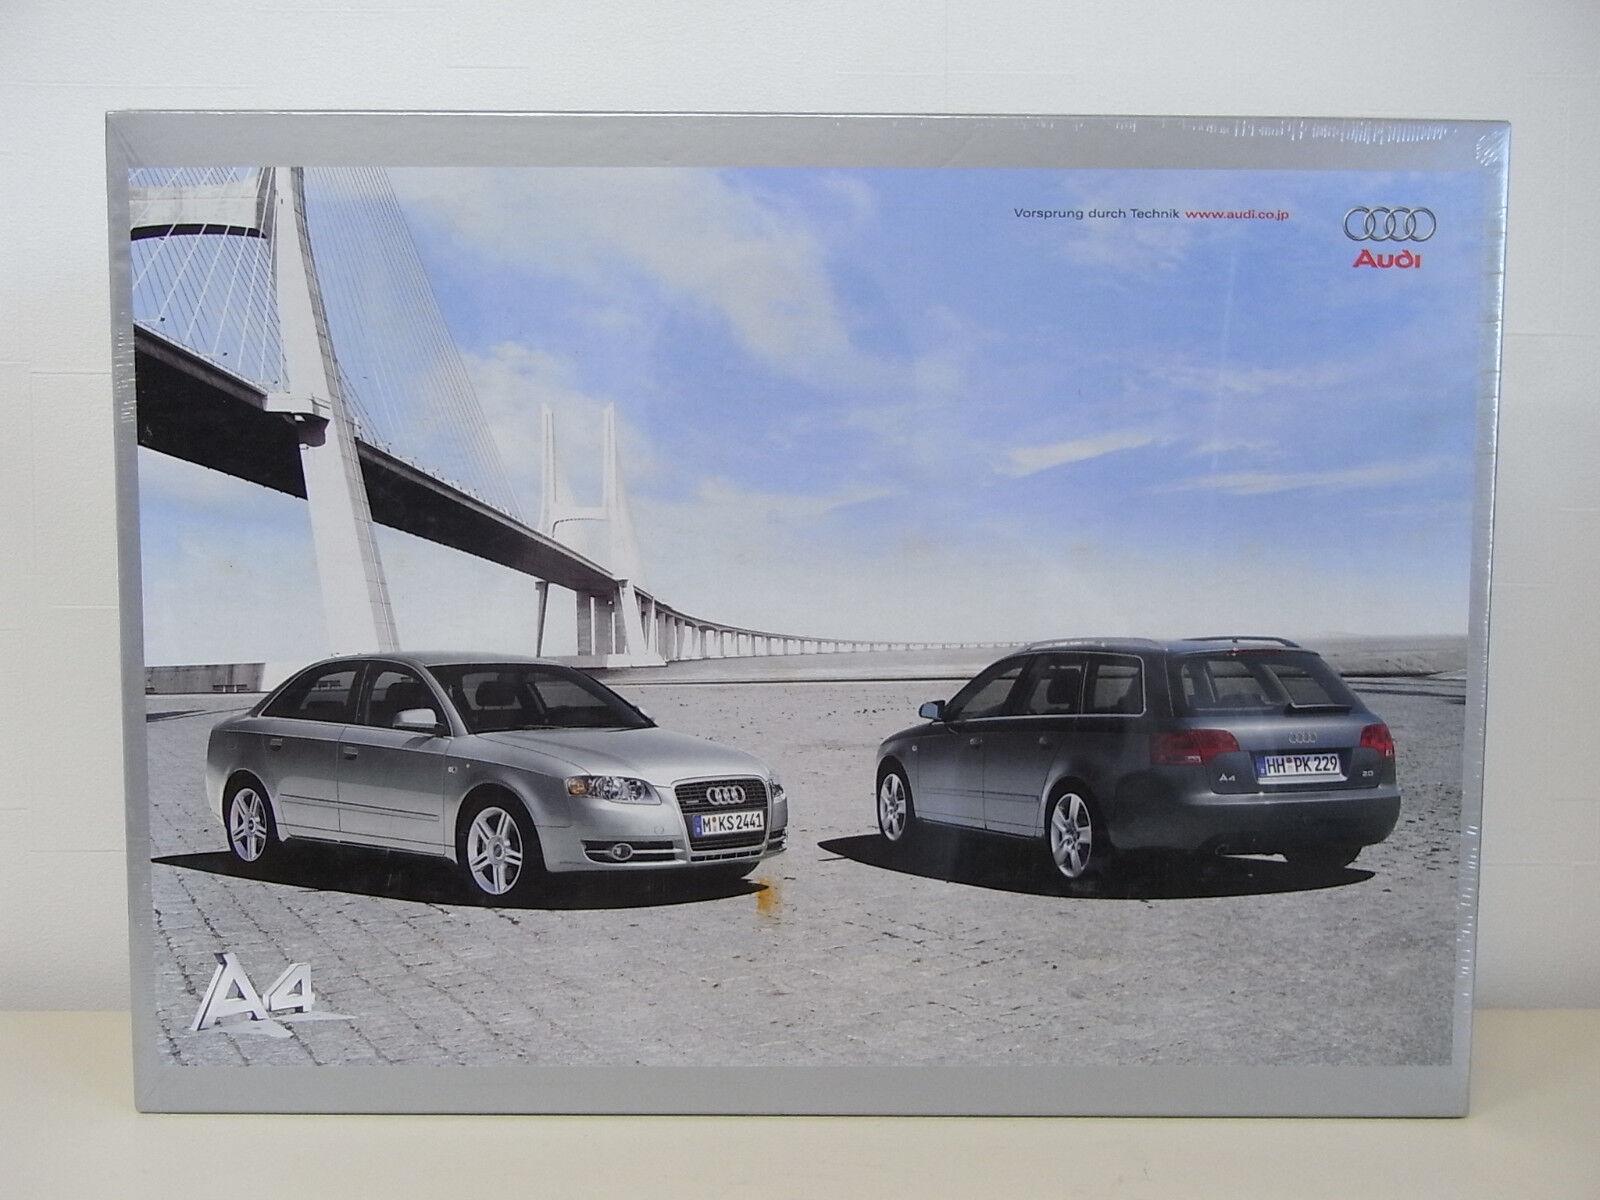 [VAROR] Audi A4 Jigsaw Pussel 1000pcs B7 japan F  S